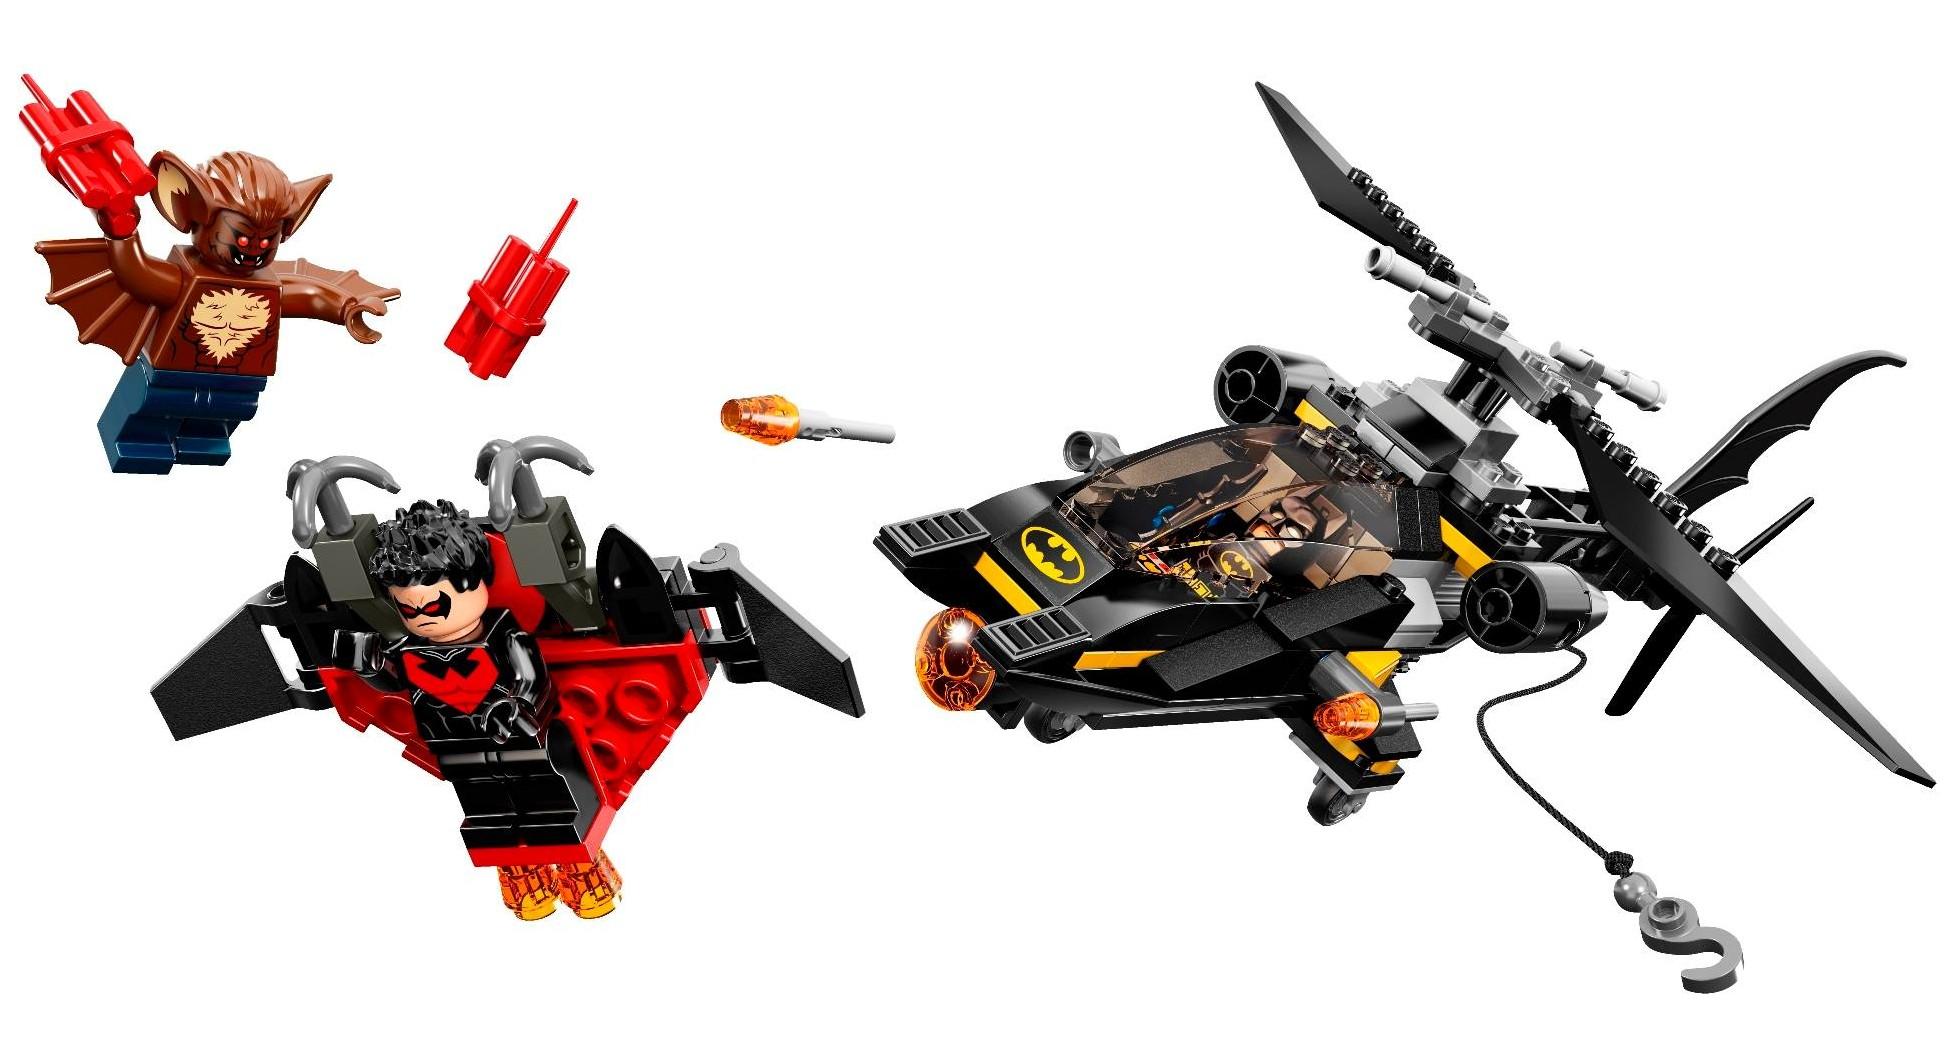 Lego Batman Sets 2014: LEGO Batman 2014 Man-Bat Attack 76011 Winter Set Photos